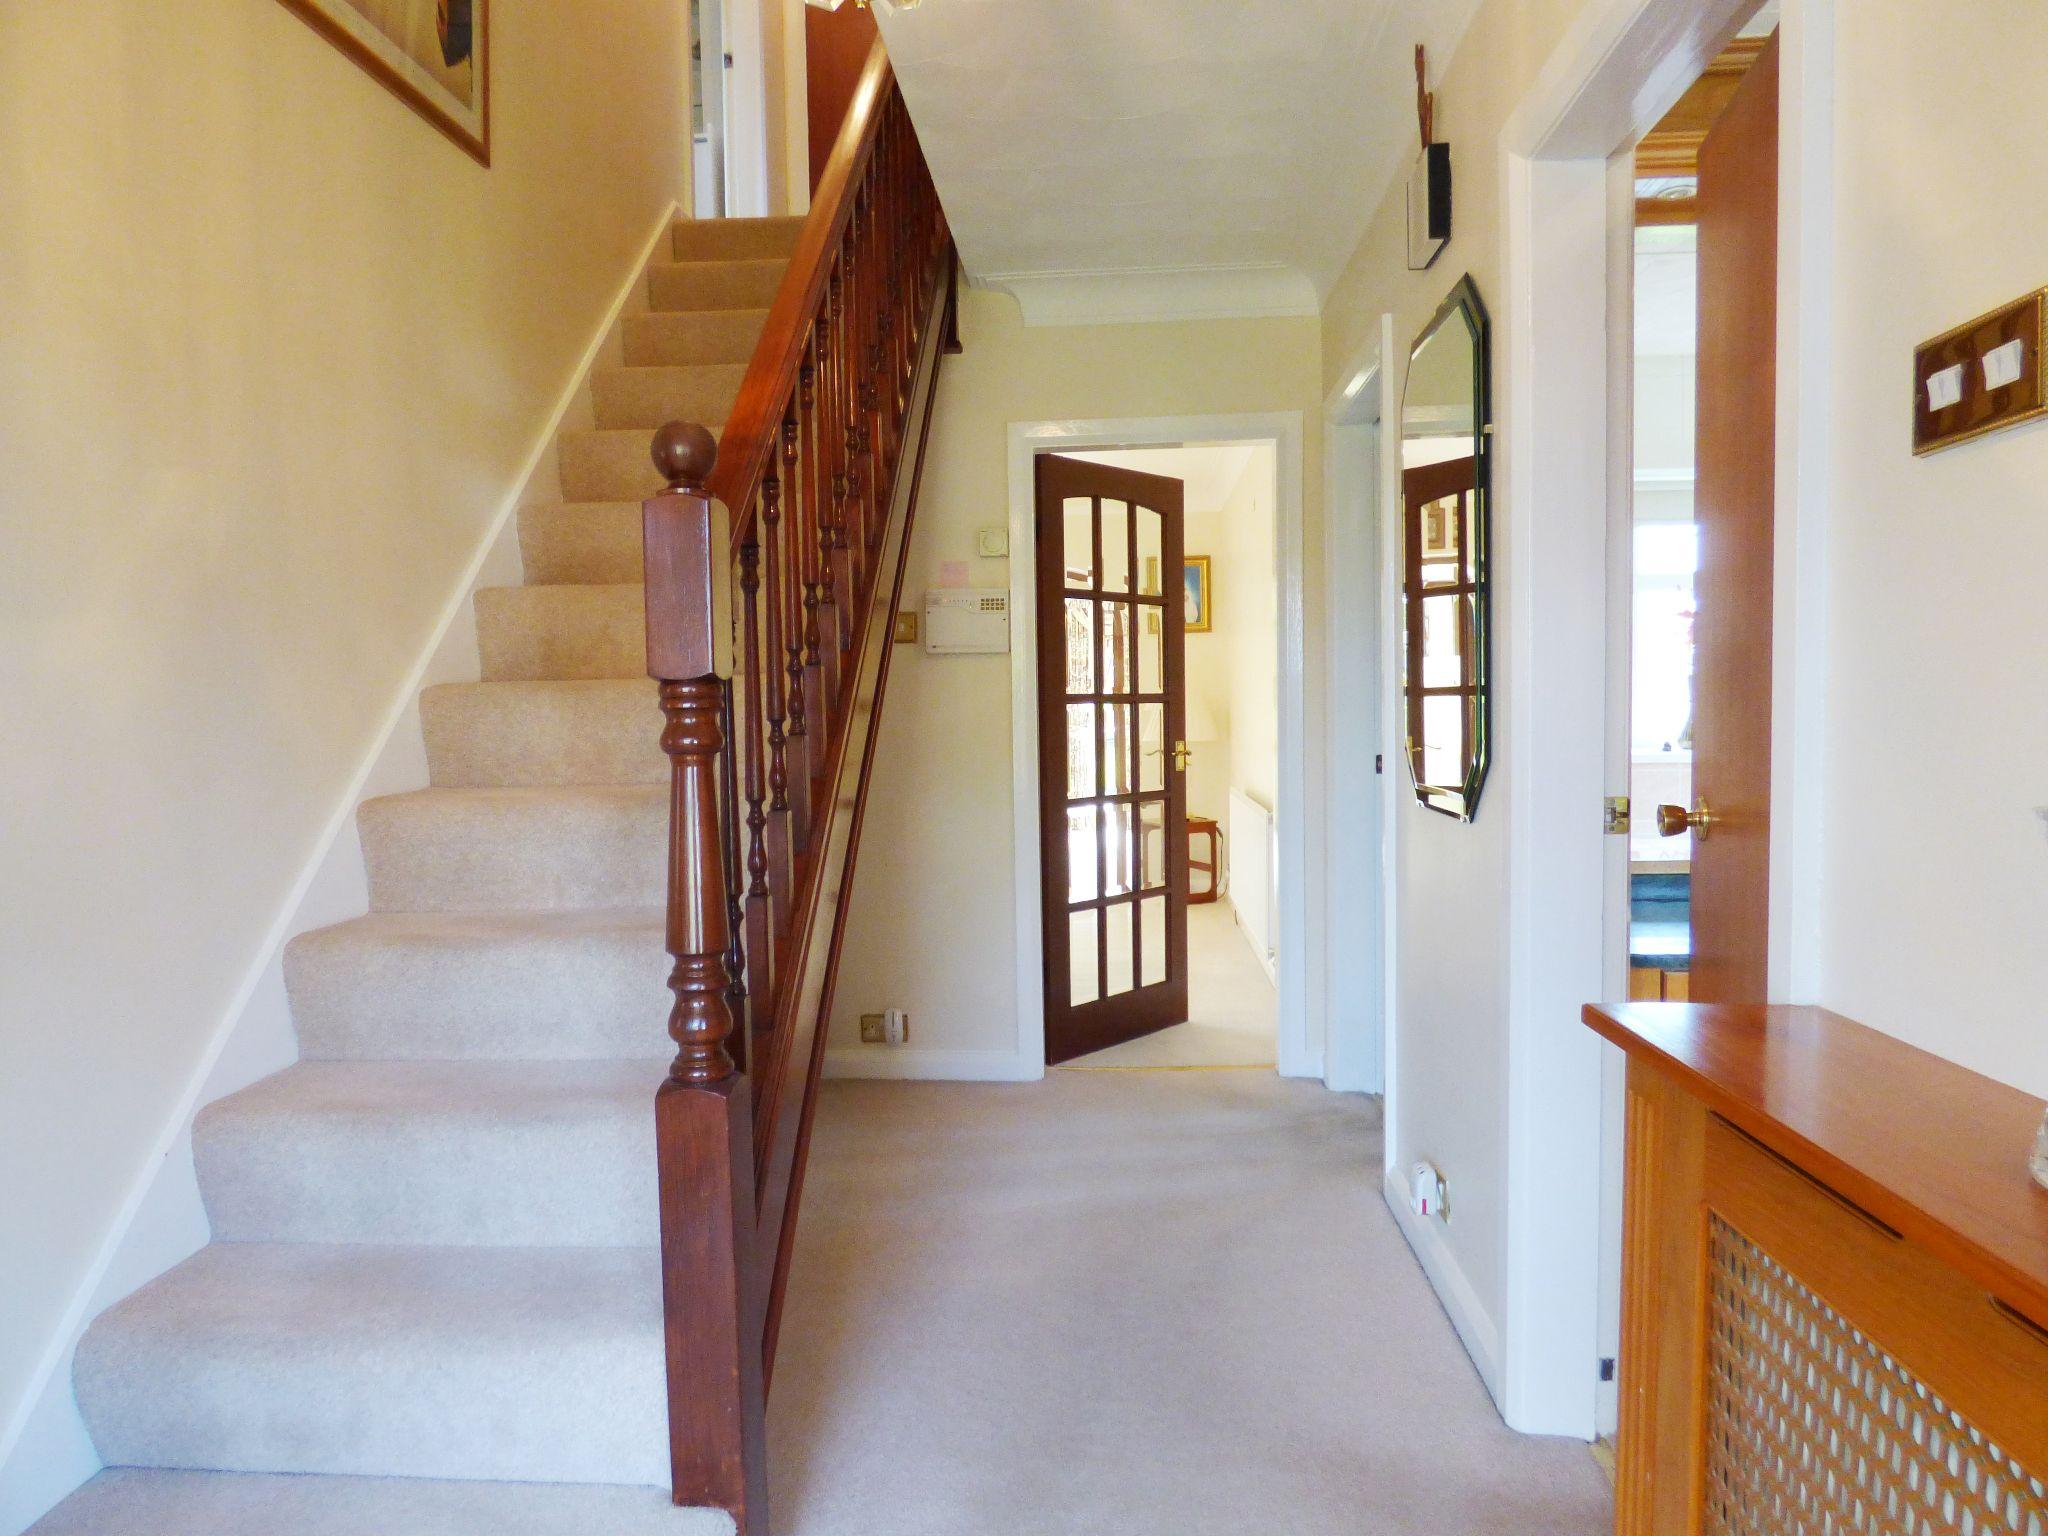 3 Bedroom Detached Bungalow For Sale - Hallway